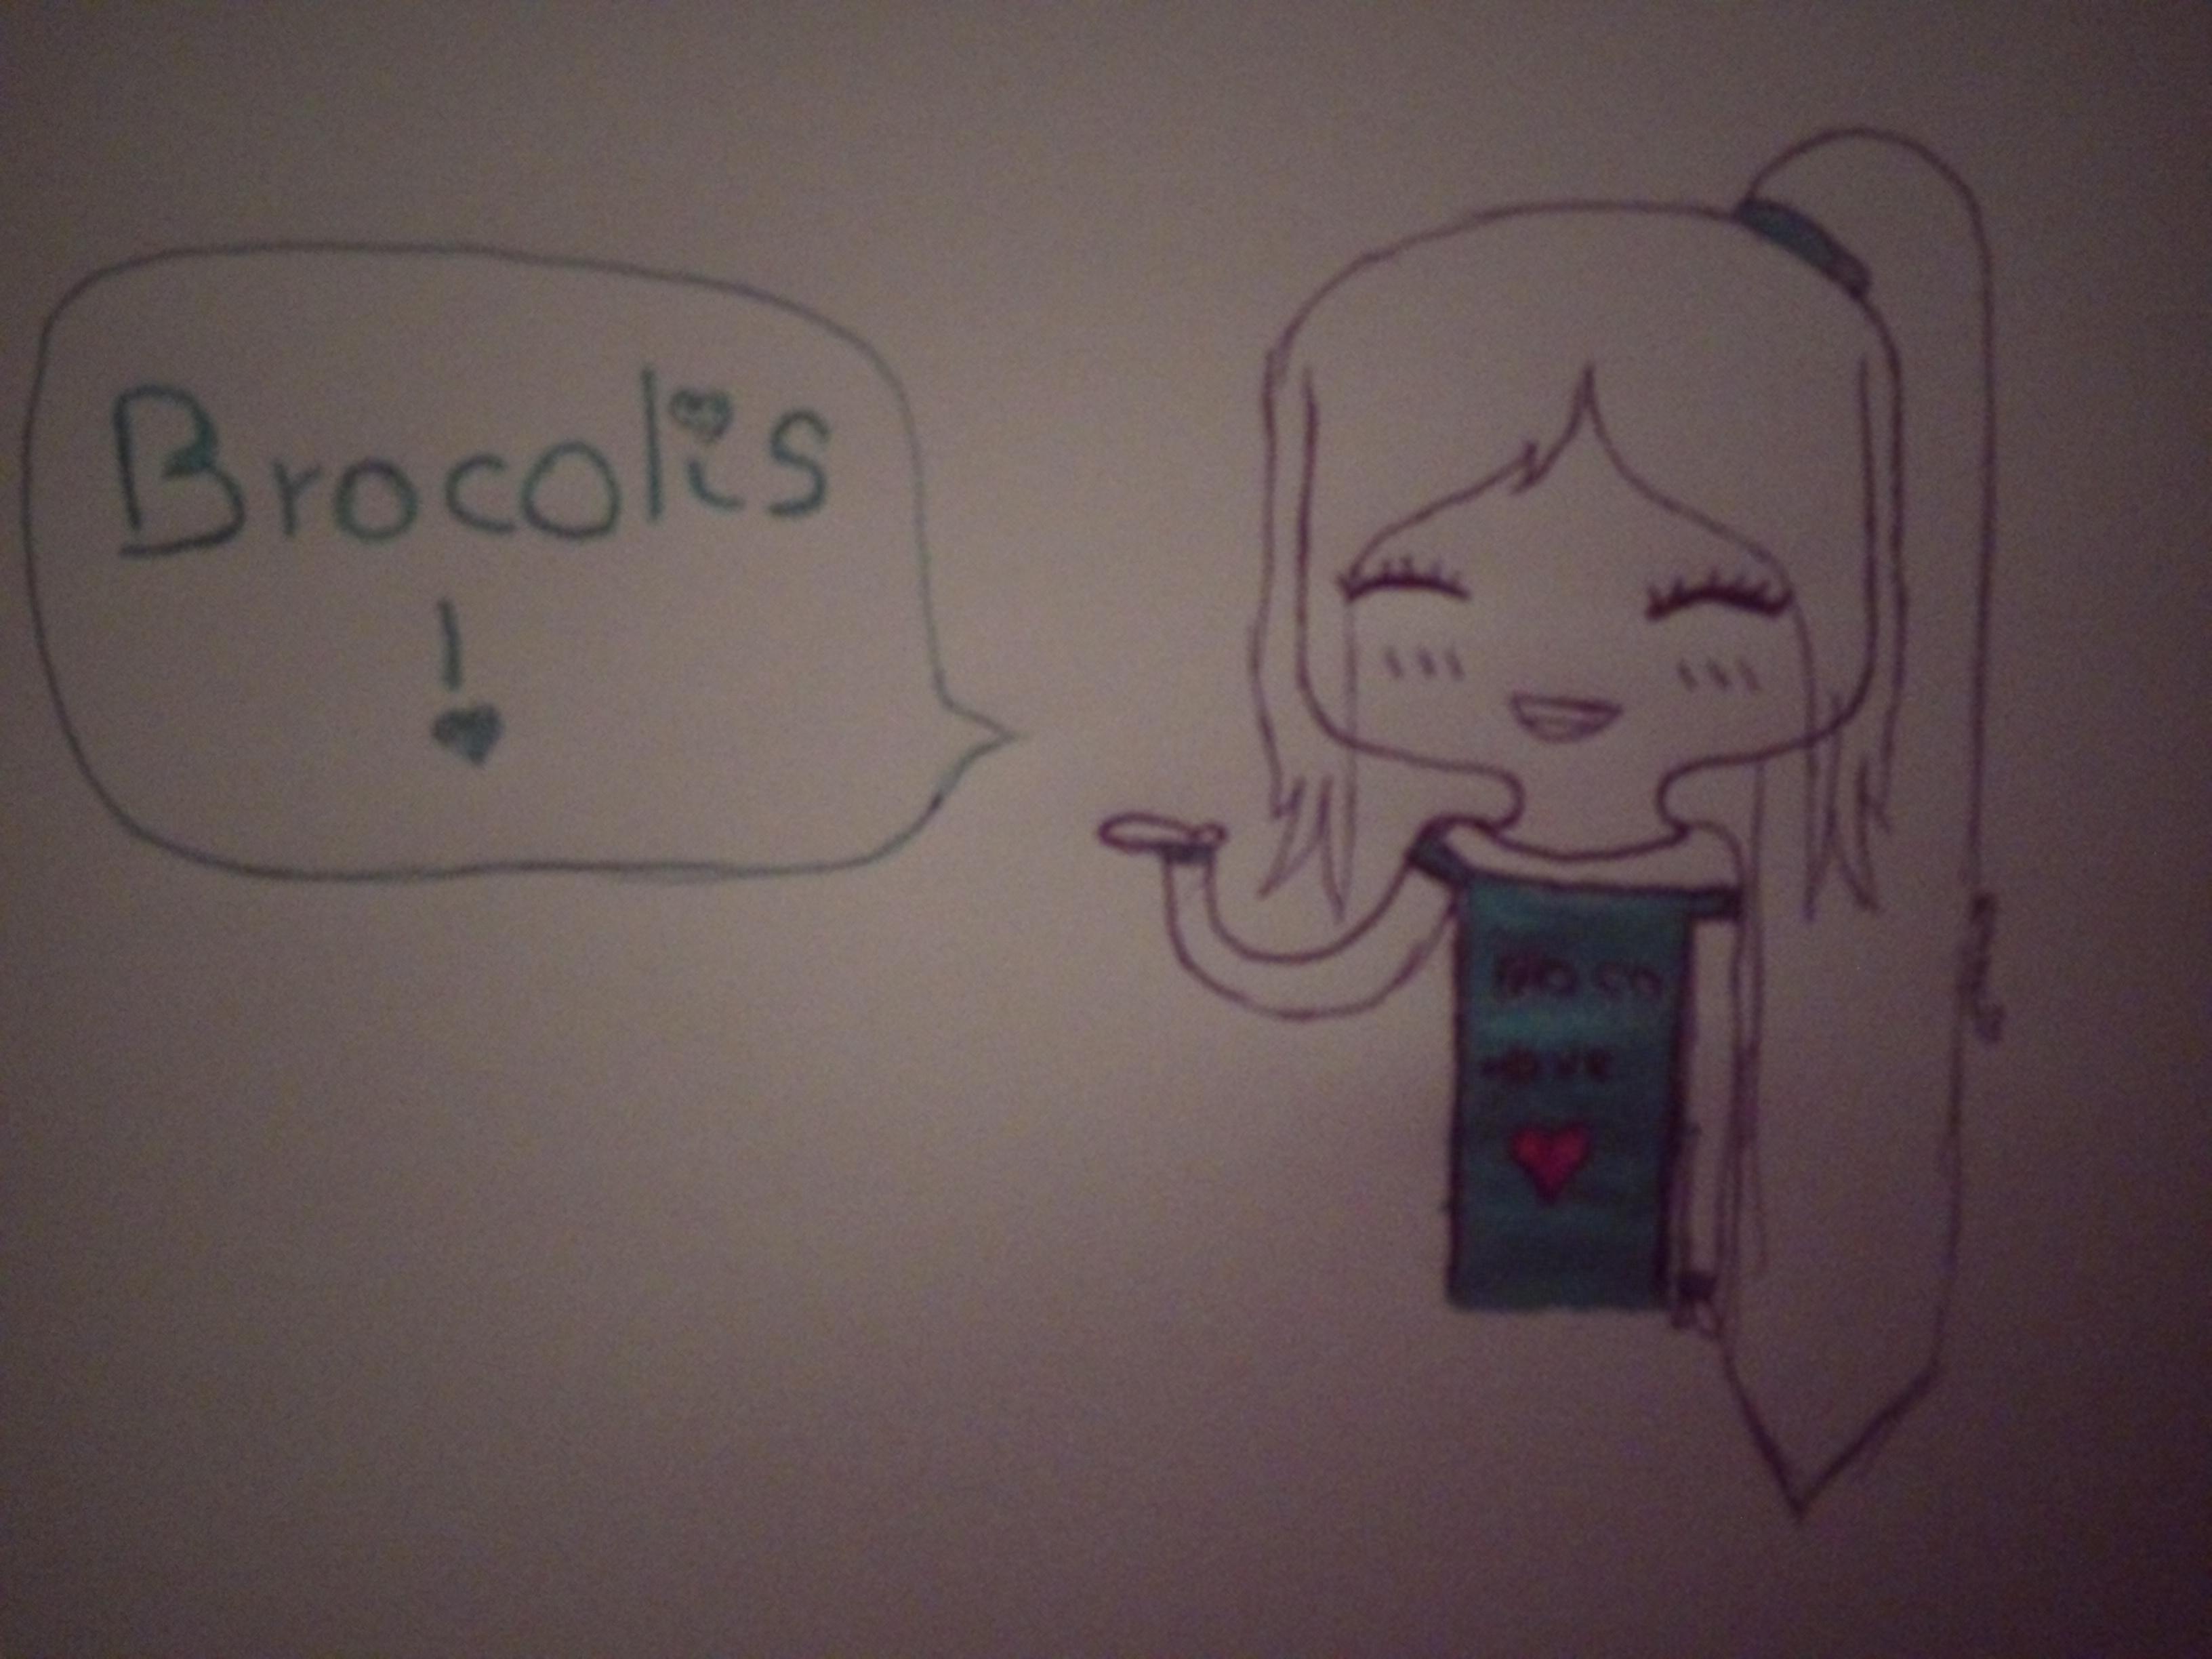 Brocolis !